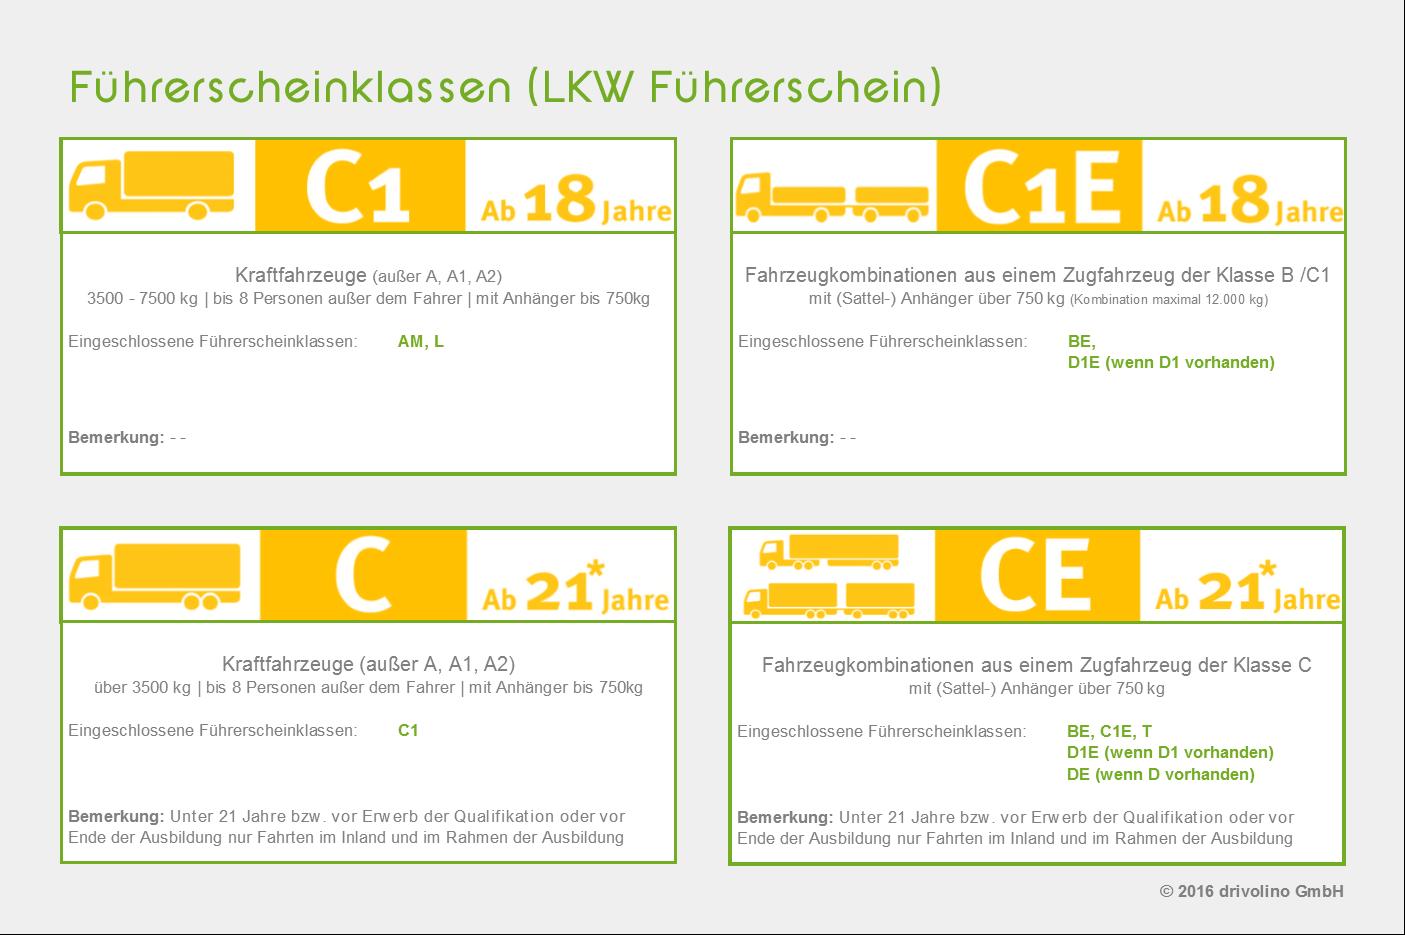 LKW Führerschein unterteilt in Führerscheinklasse C,  Führerscheinklasse C1, Führerscheinklasse CE und Führerscheinklasse C1E. Übersicht aller Klassen Für den LKW Führerschein